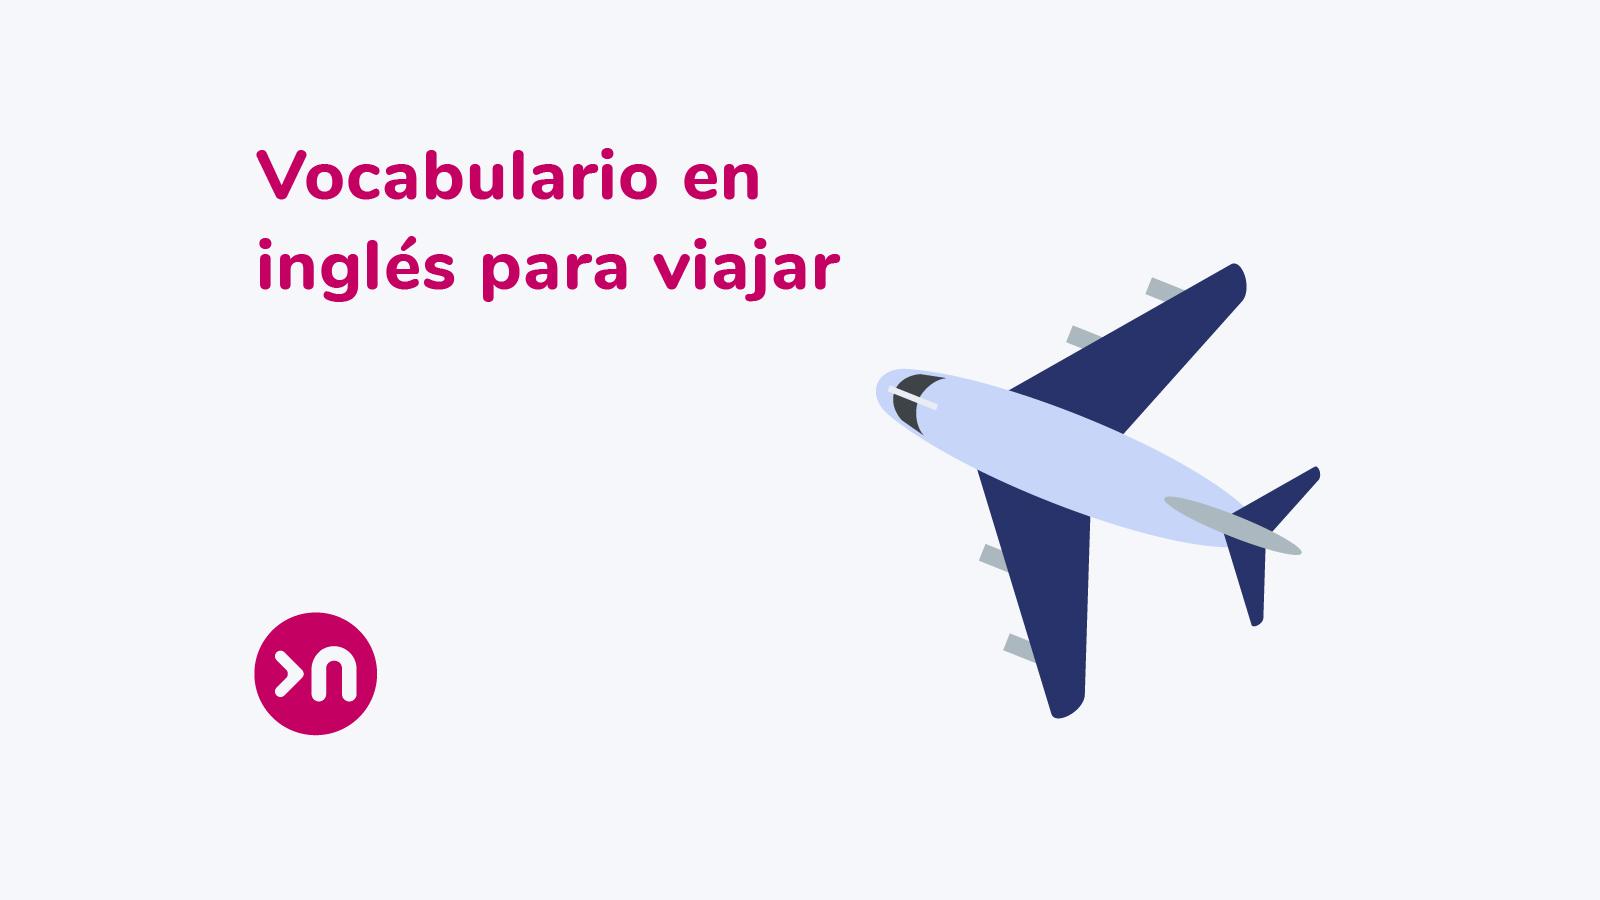 Nathalie-language-experiences-blog-vocabulario-en-ingles-para-viajar